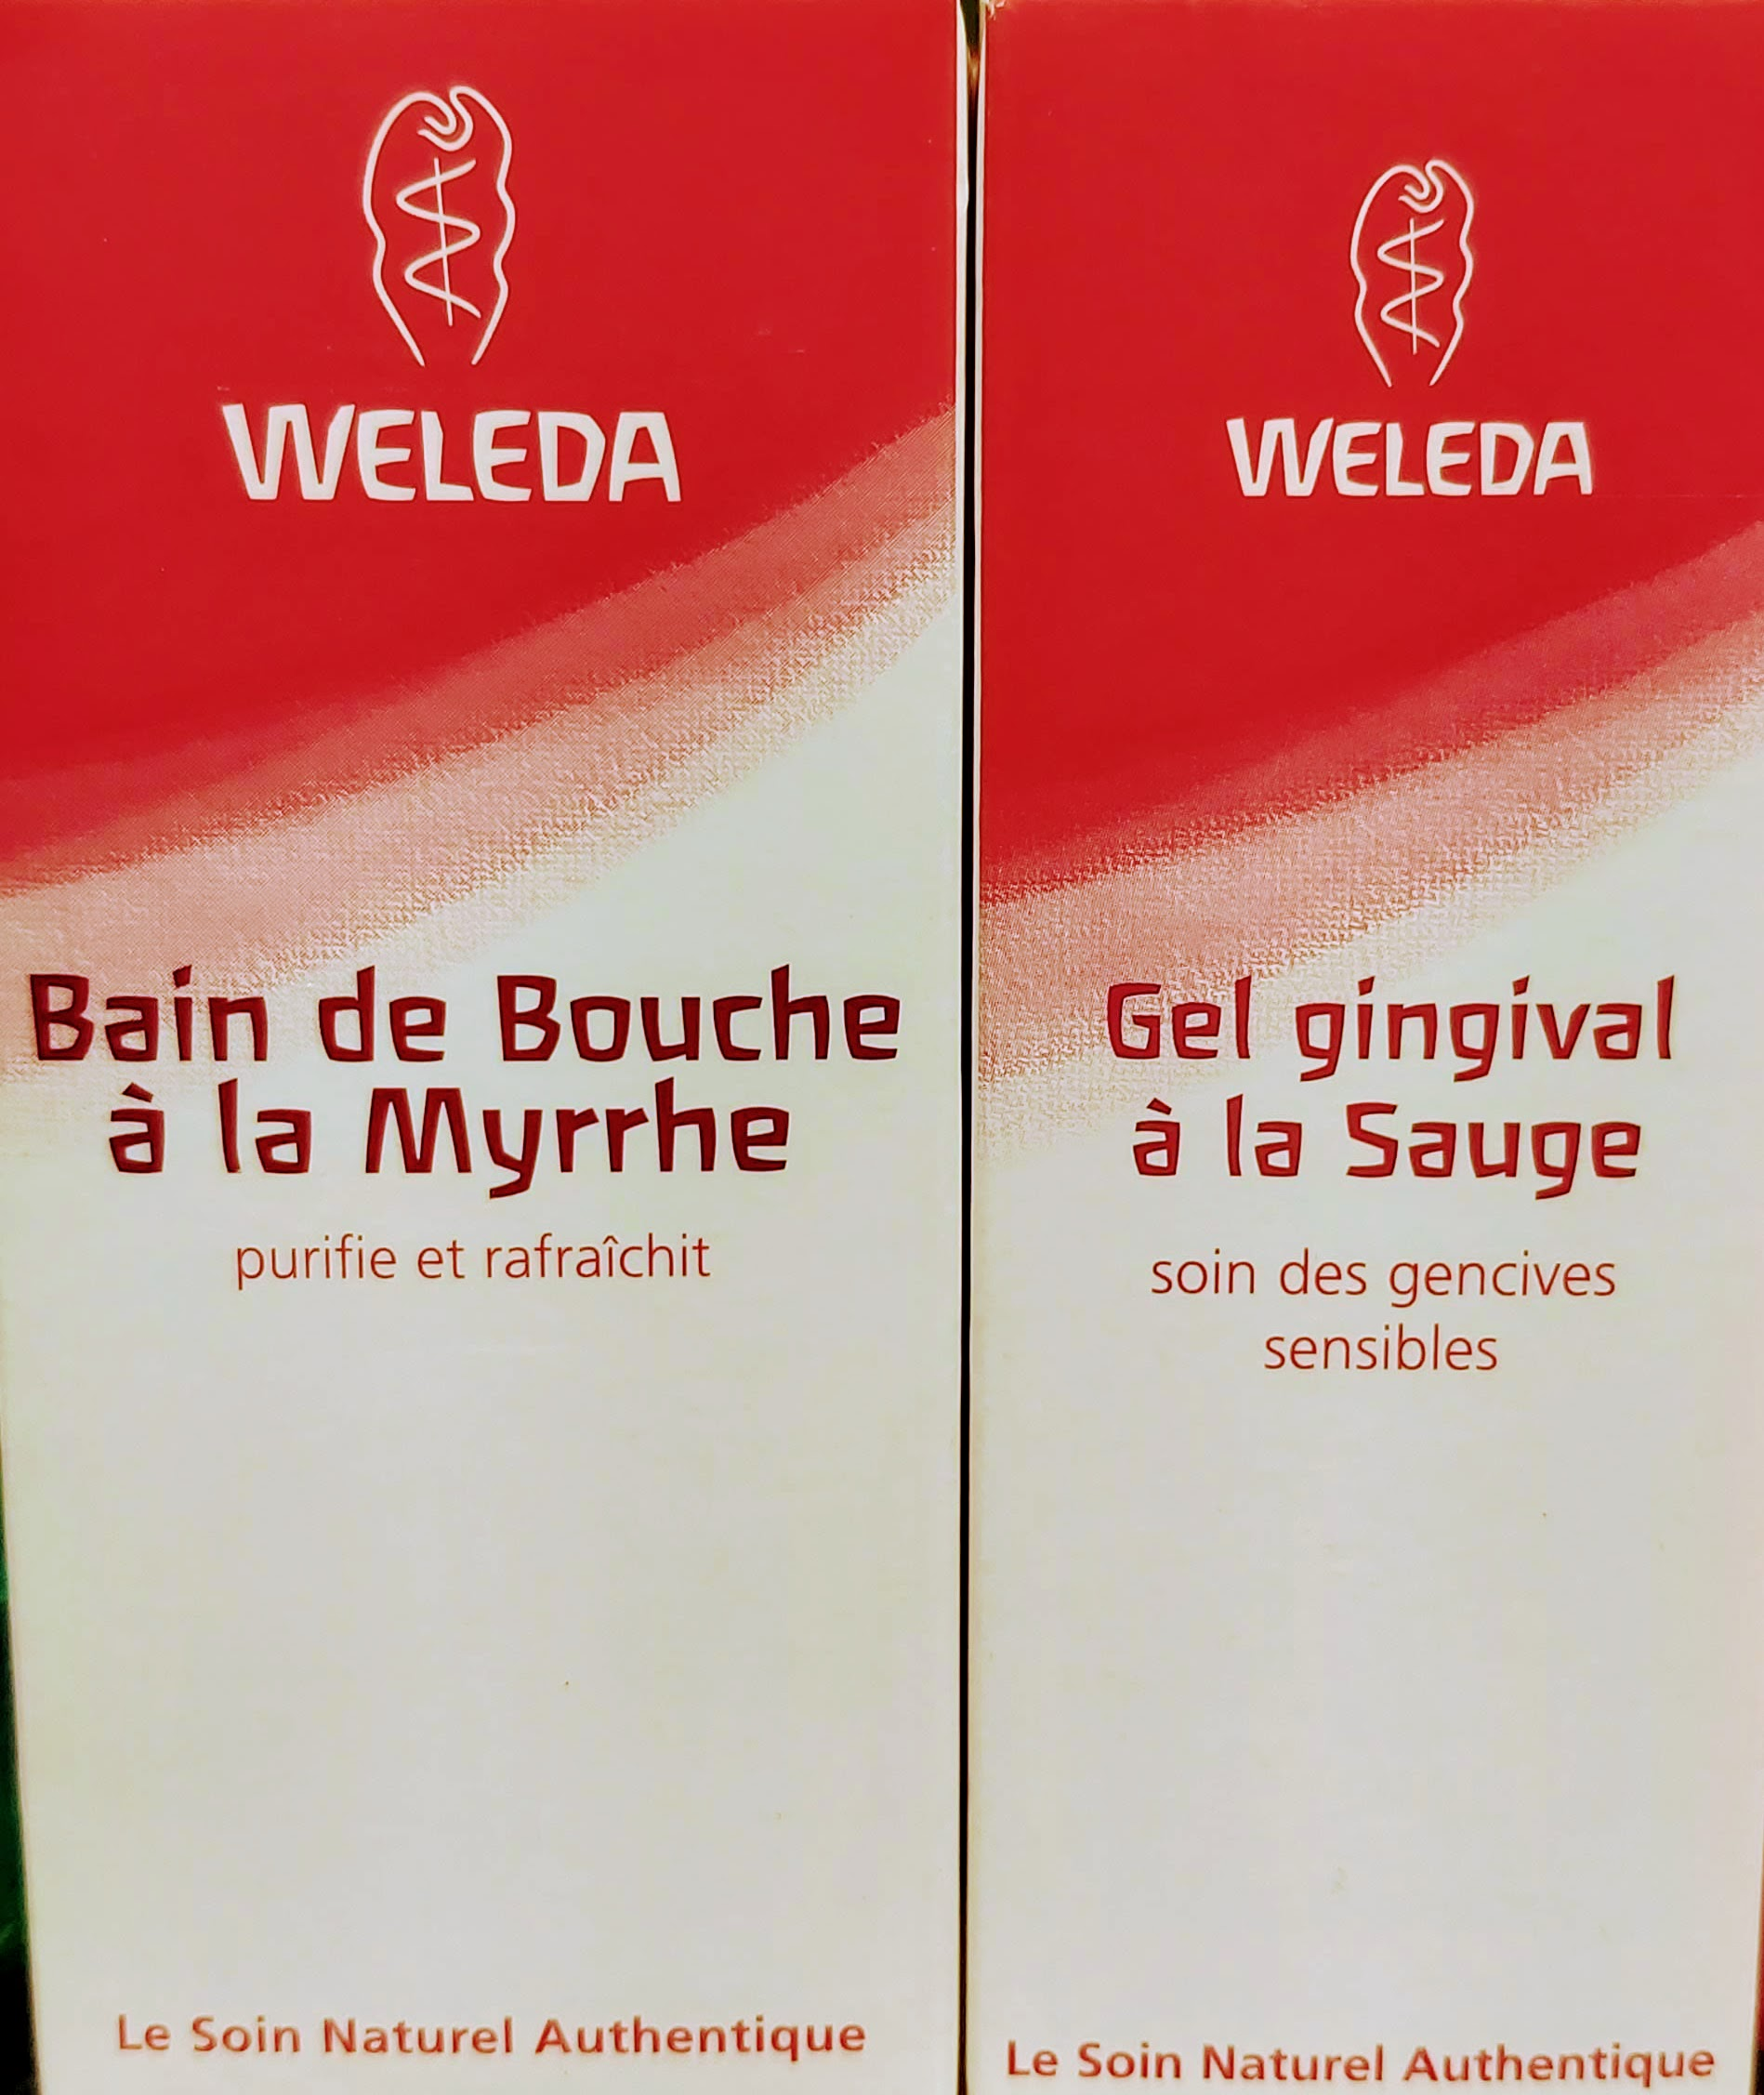 Comprar Bain de Bouche à la Myrrhe Gran Farmacia Andorra Purifie et rafraîchit Un bain de bouche riche en huiles essentielles et en extraits de plantes pour rafraîchir l'haleine et purifier la cavité buccale.